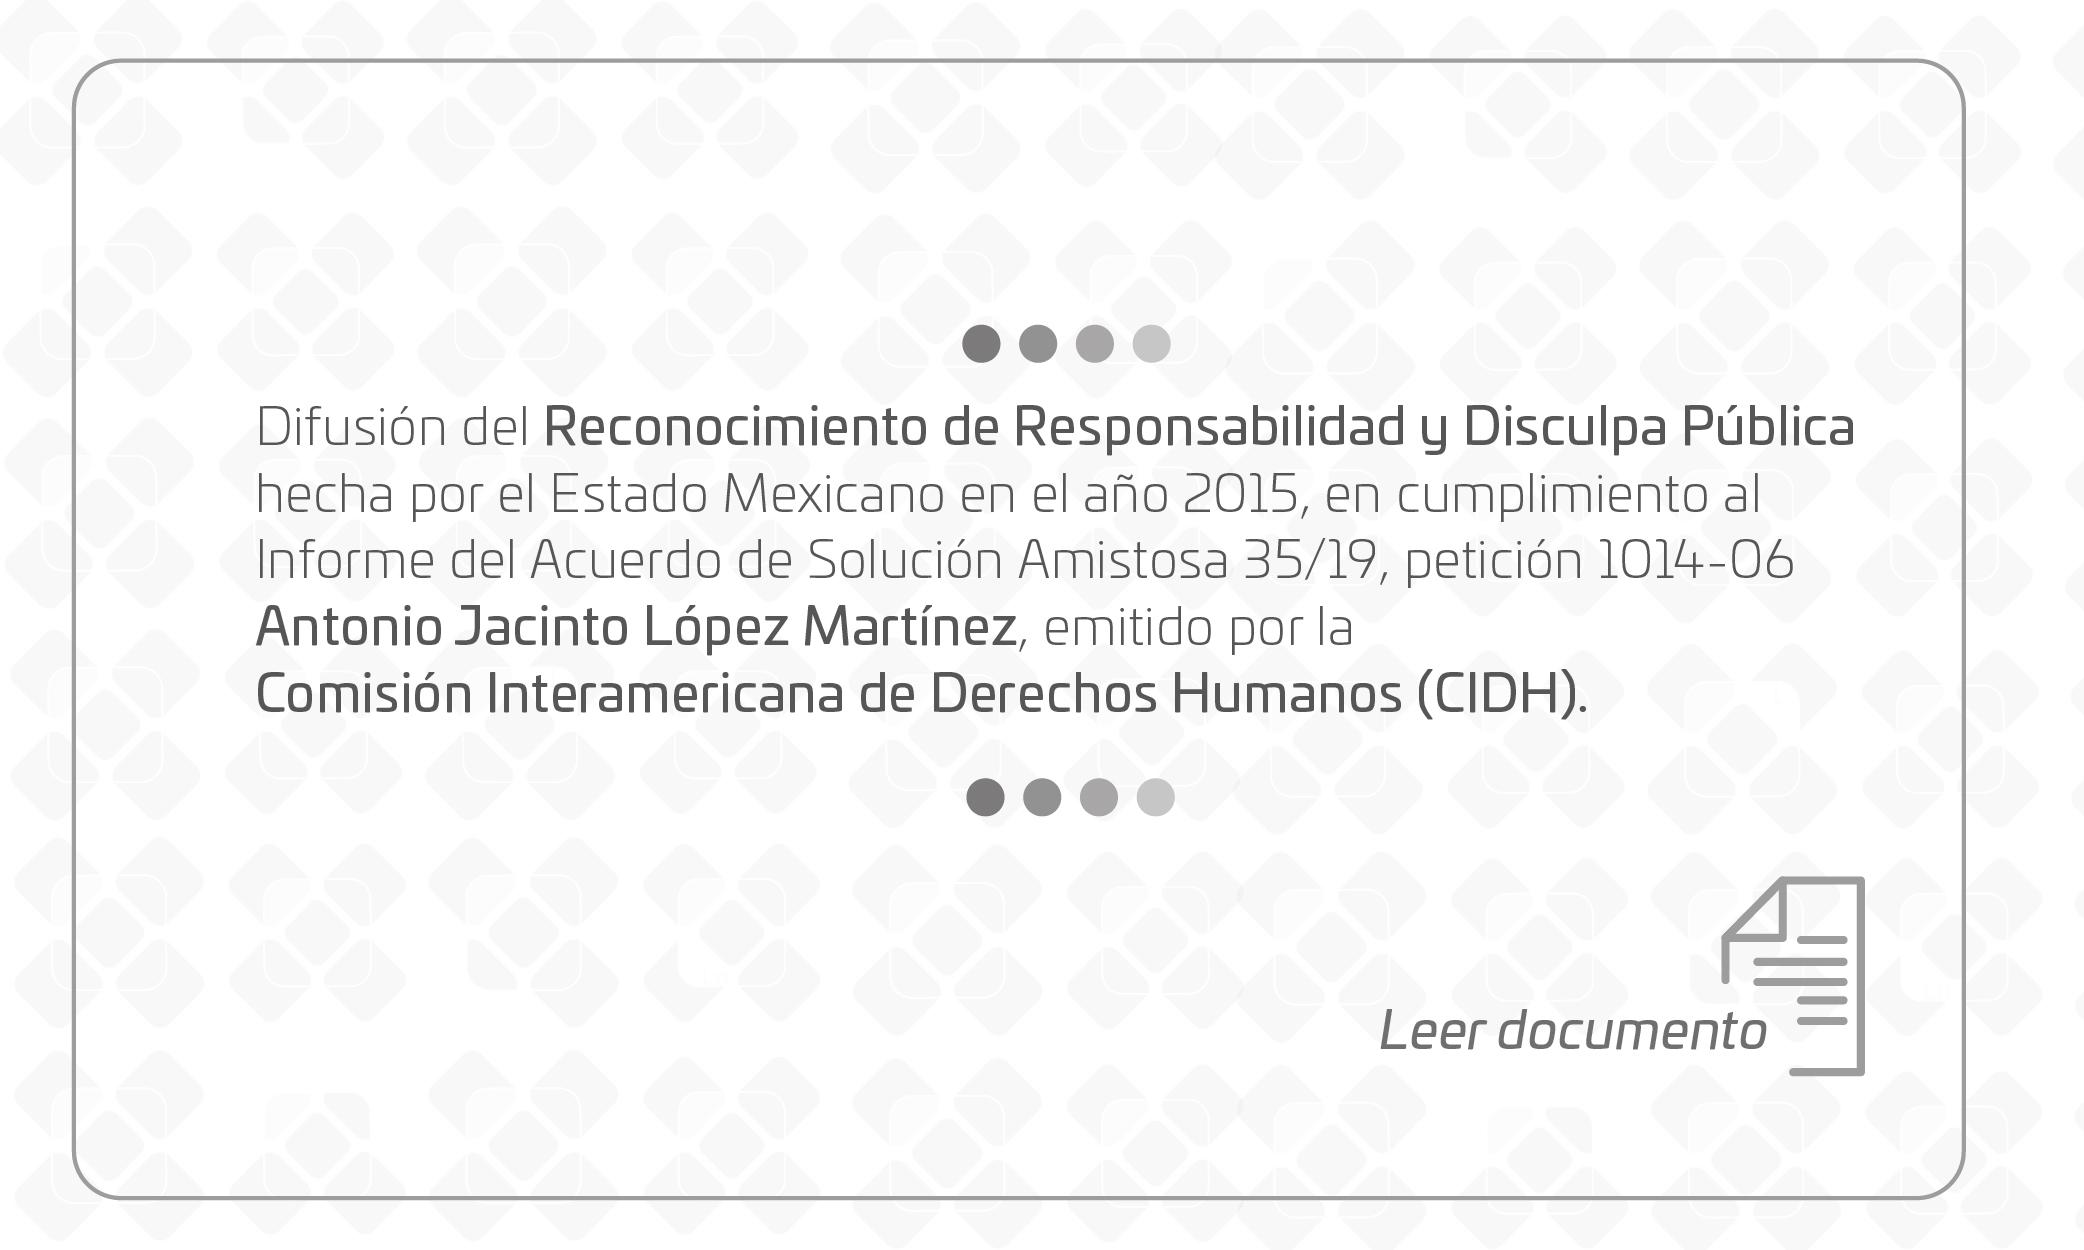 Reconocimiento de responsabilidad y disculpa pública en Español y Traducción Triqui San Martín Itunyoso